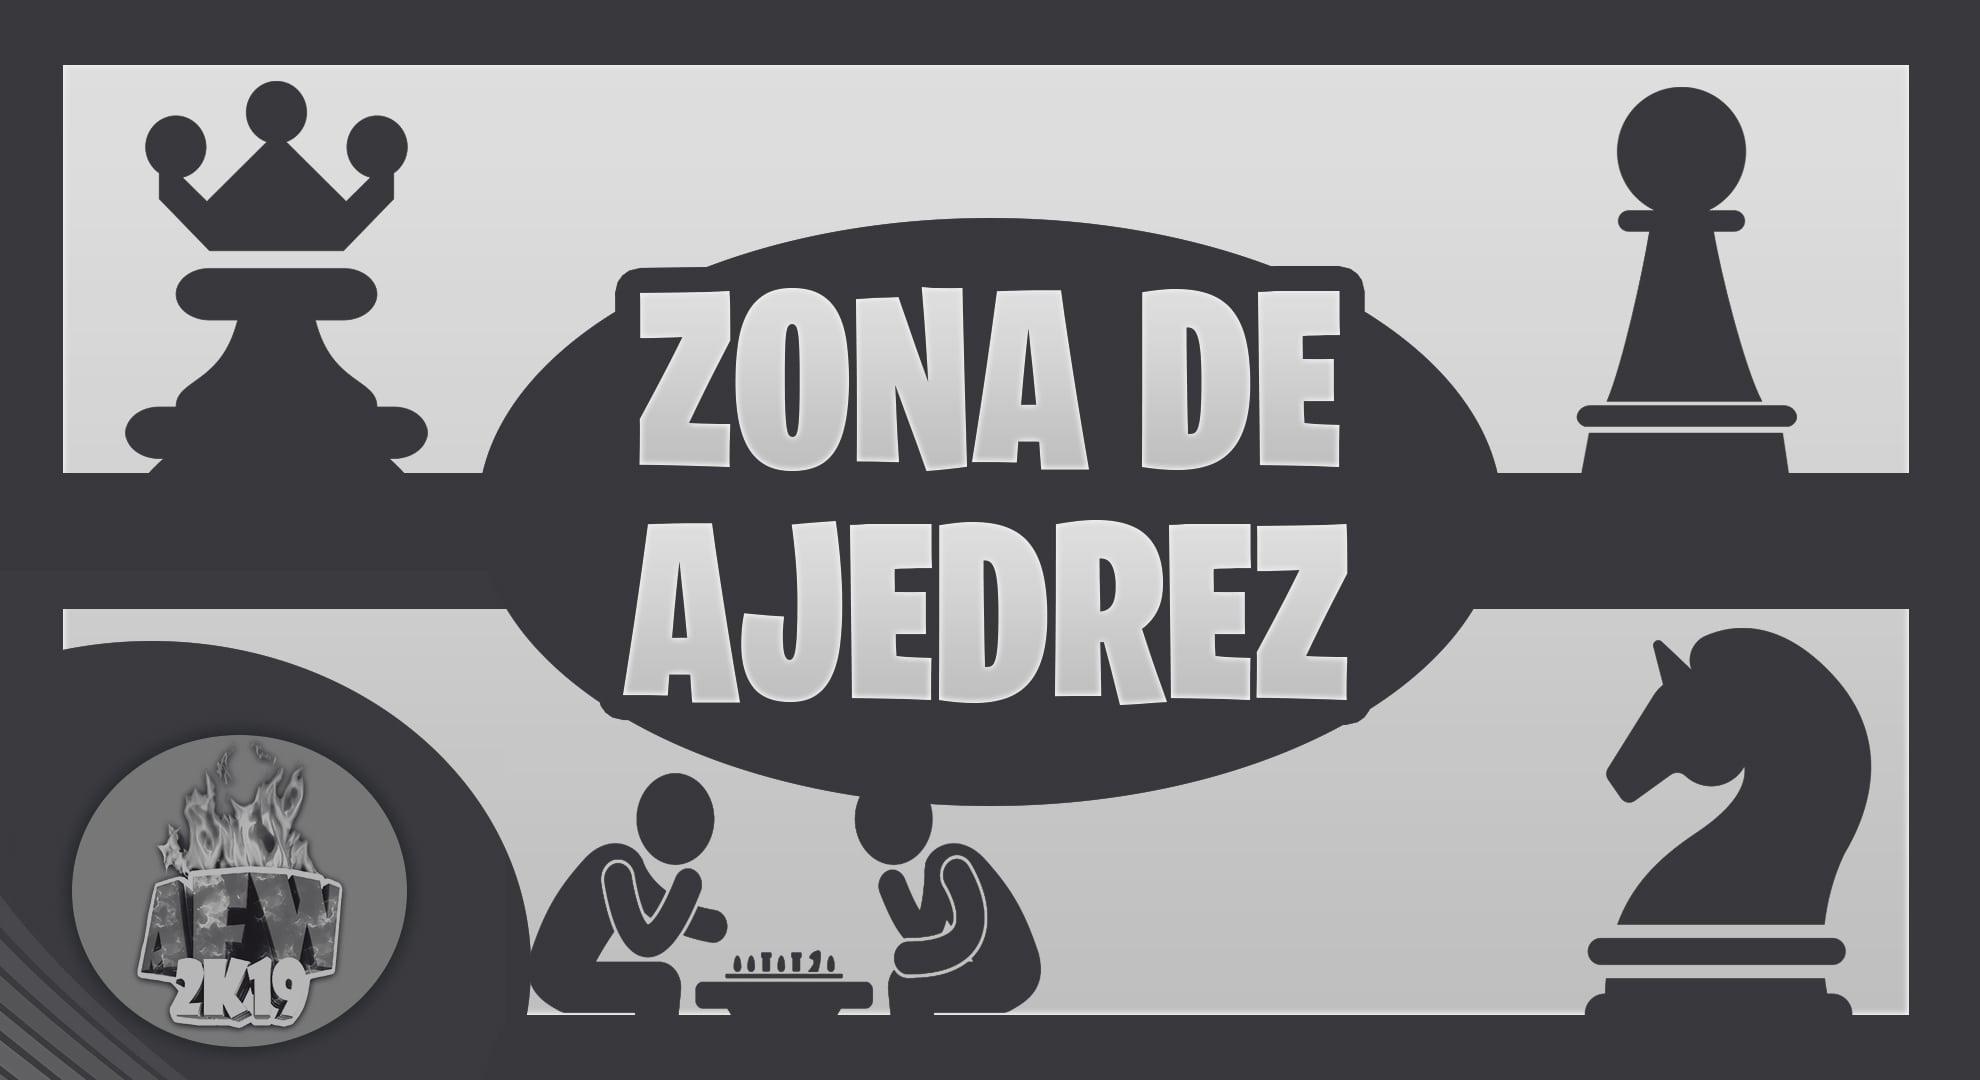 zona_de_ajedrez